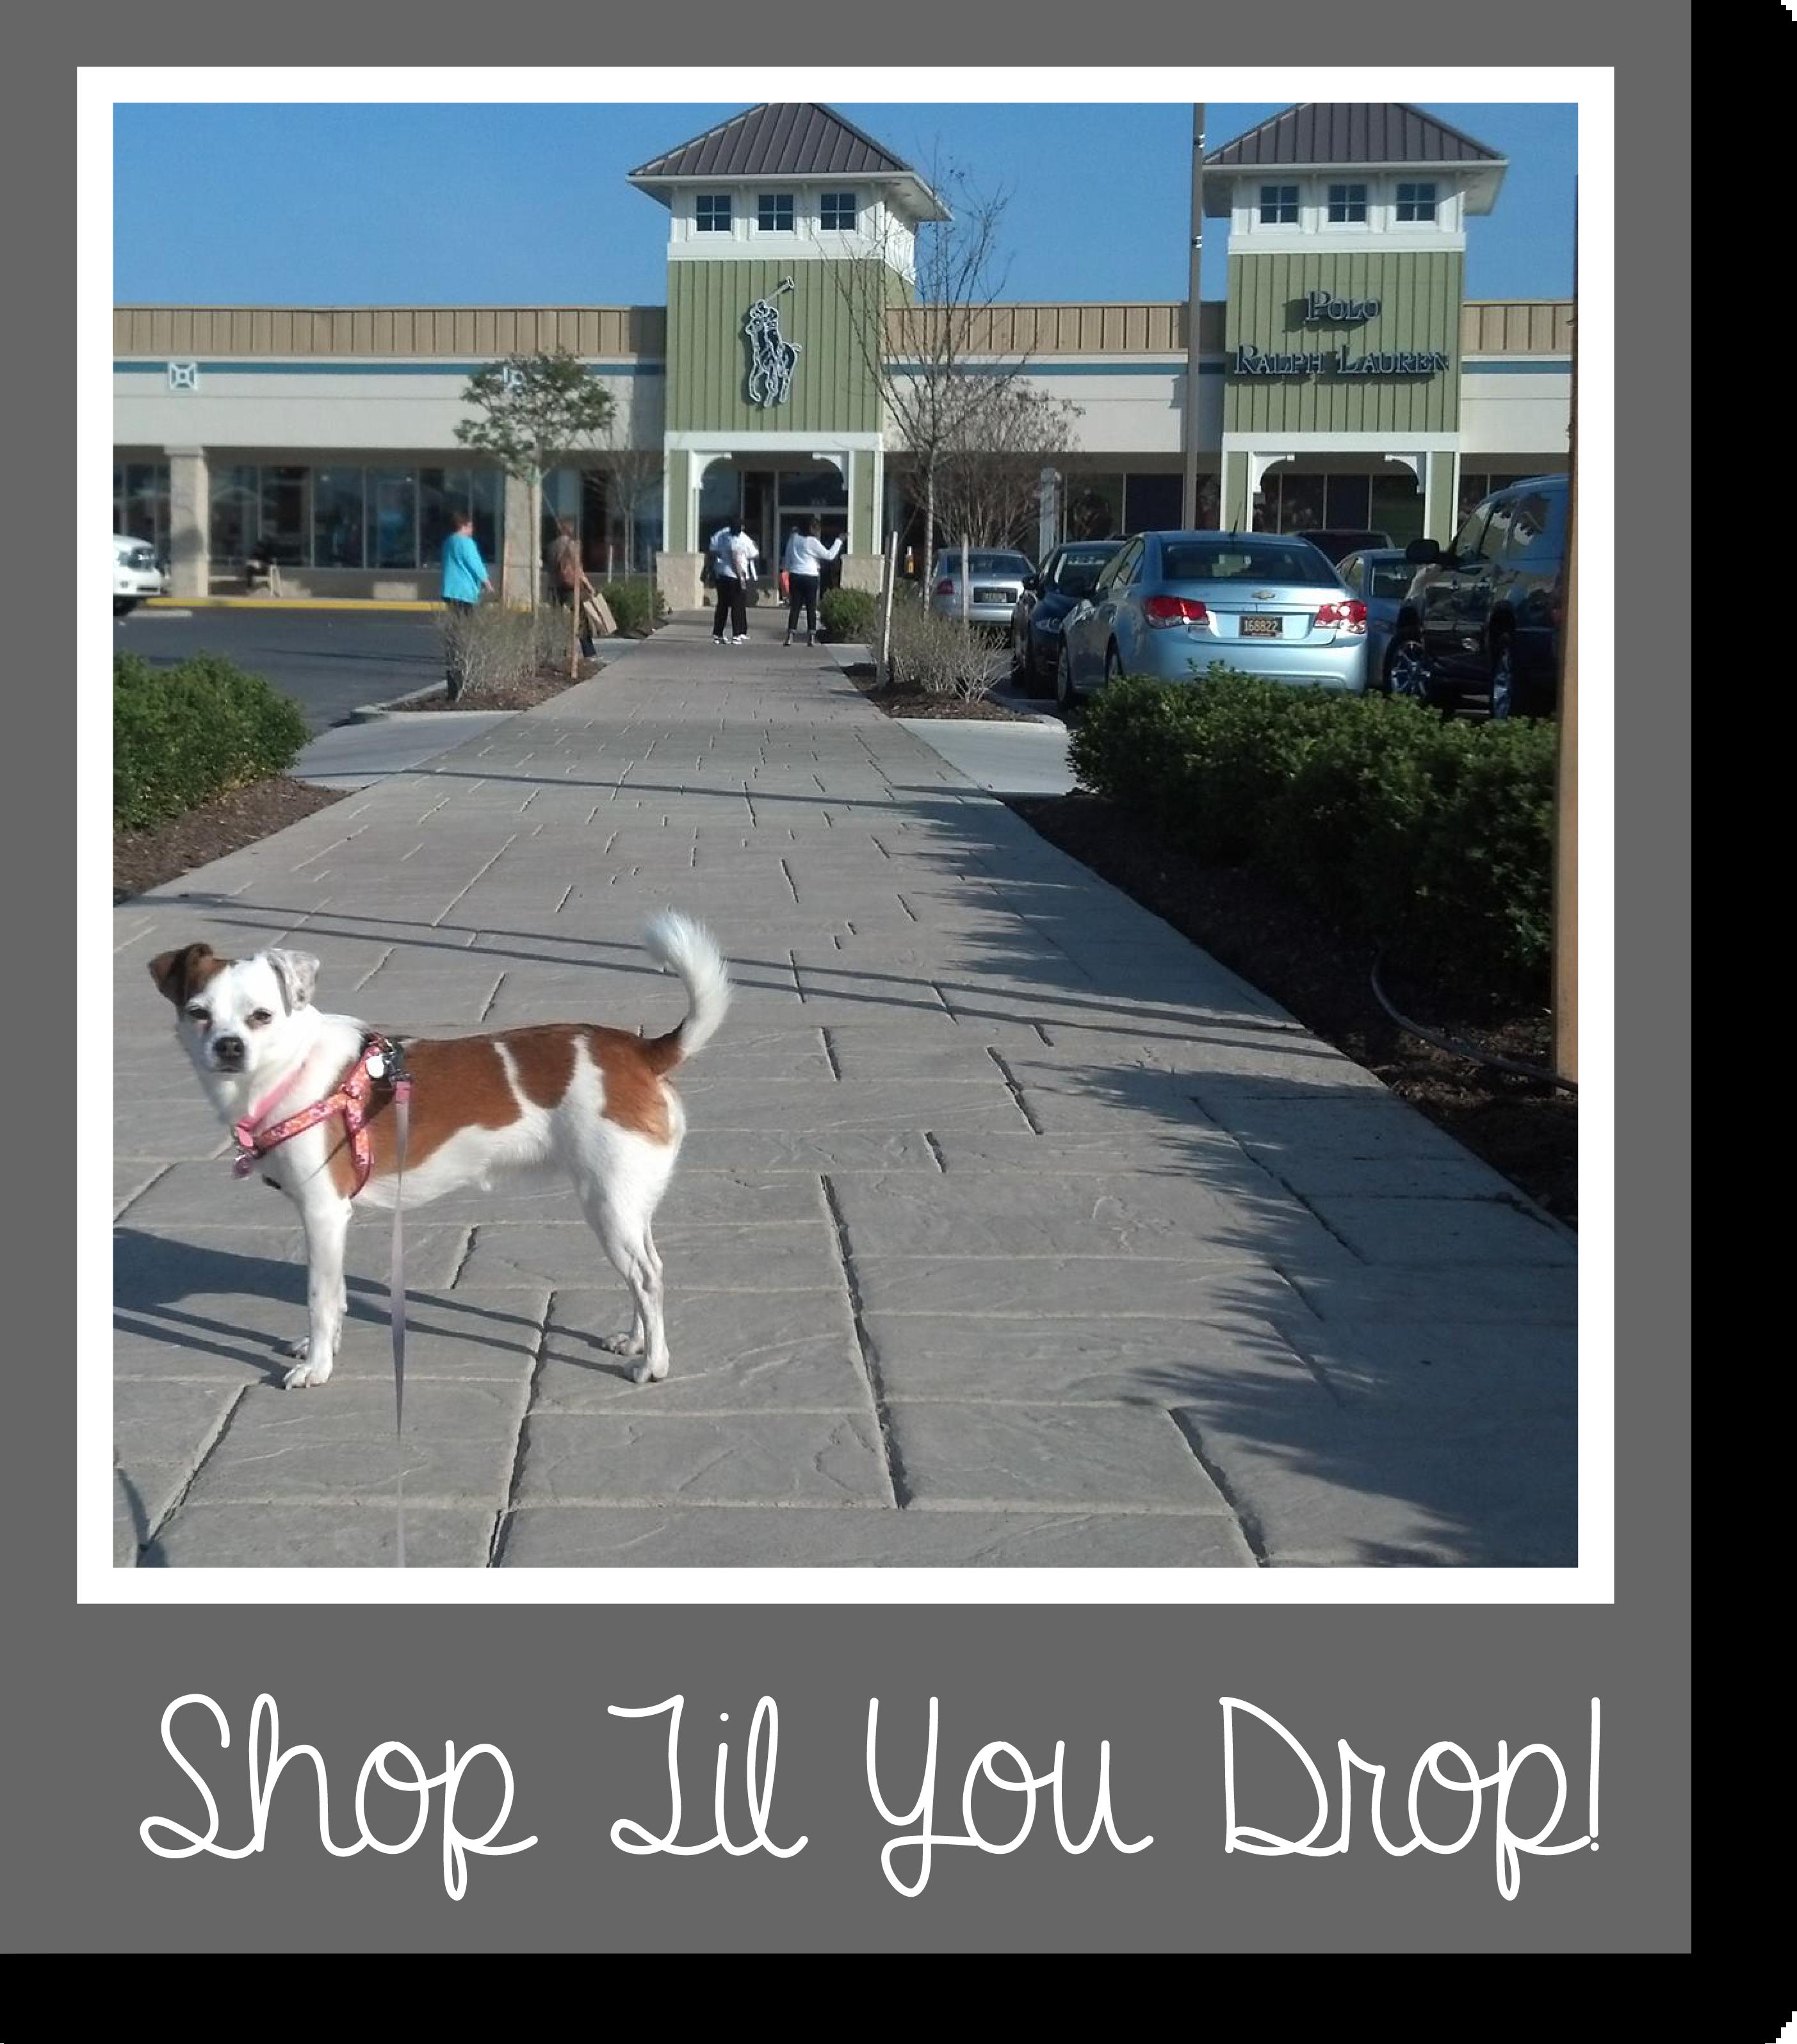 Tilly's Travels - Shop Til You Drop!